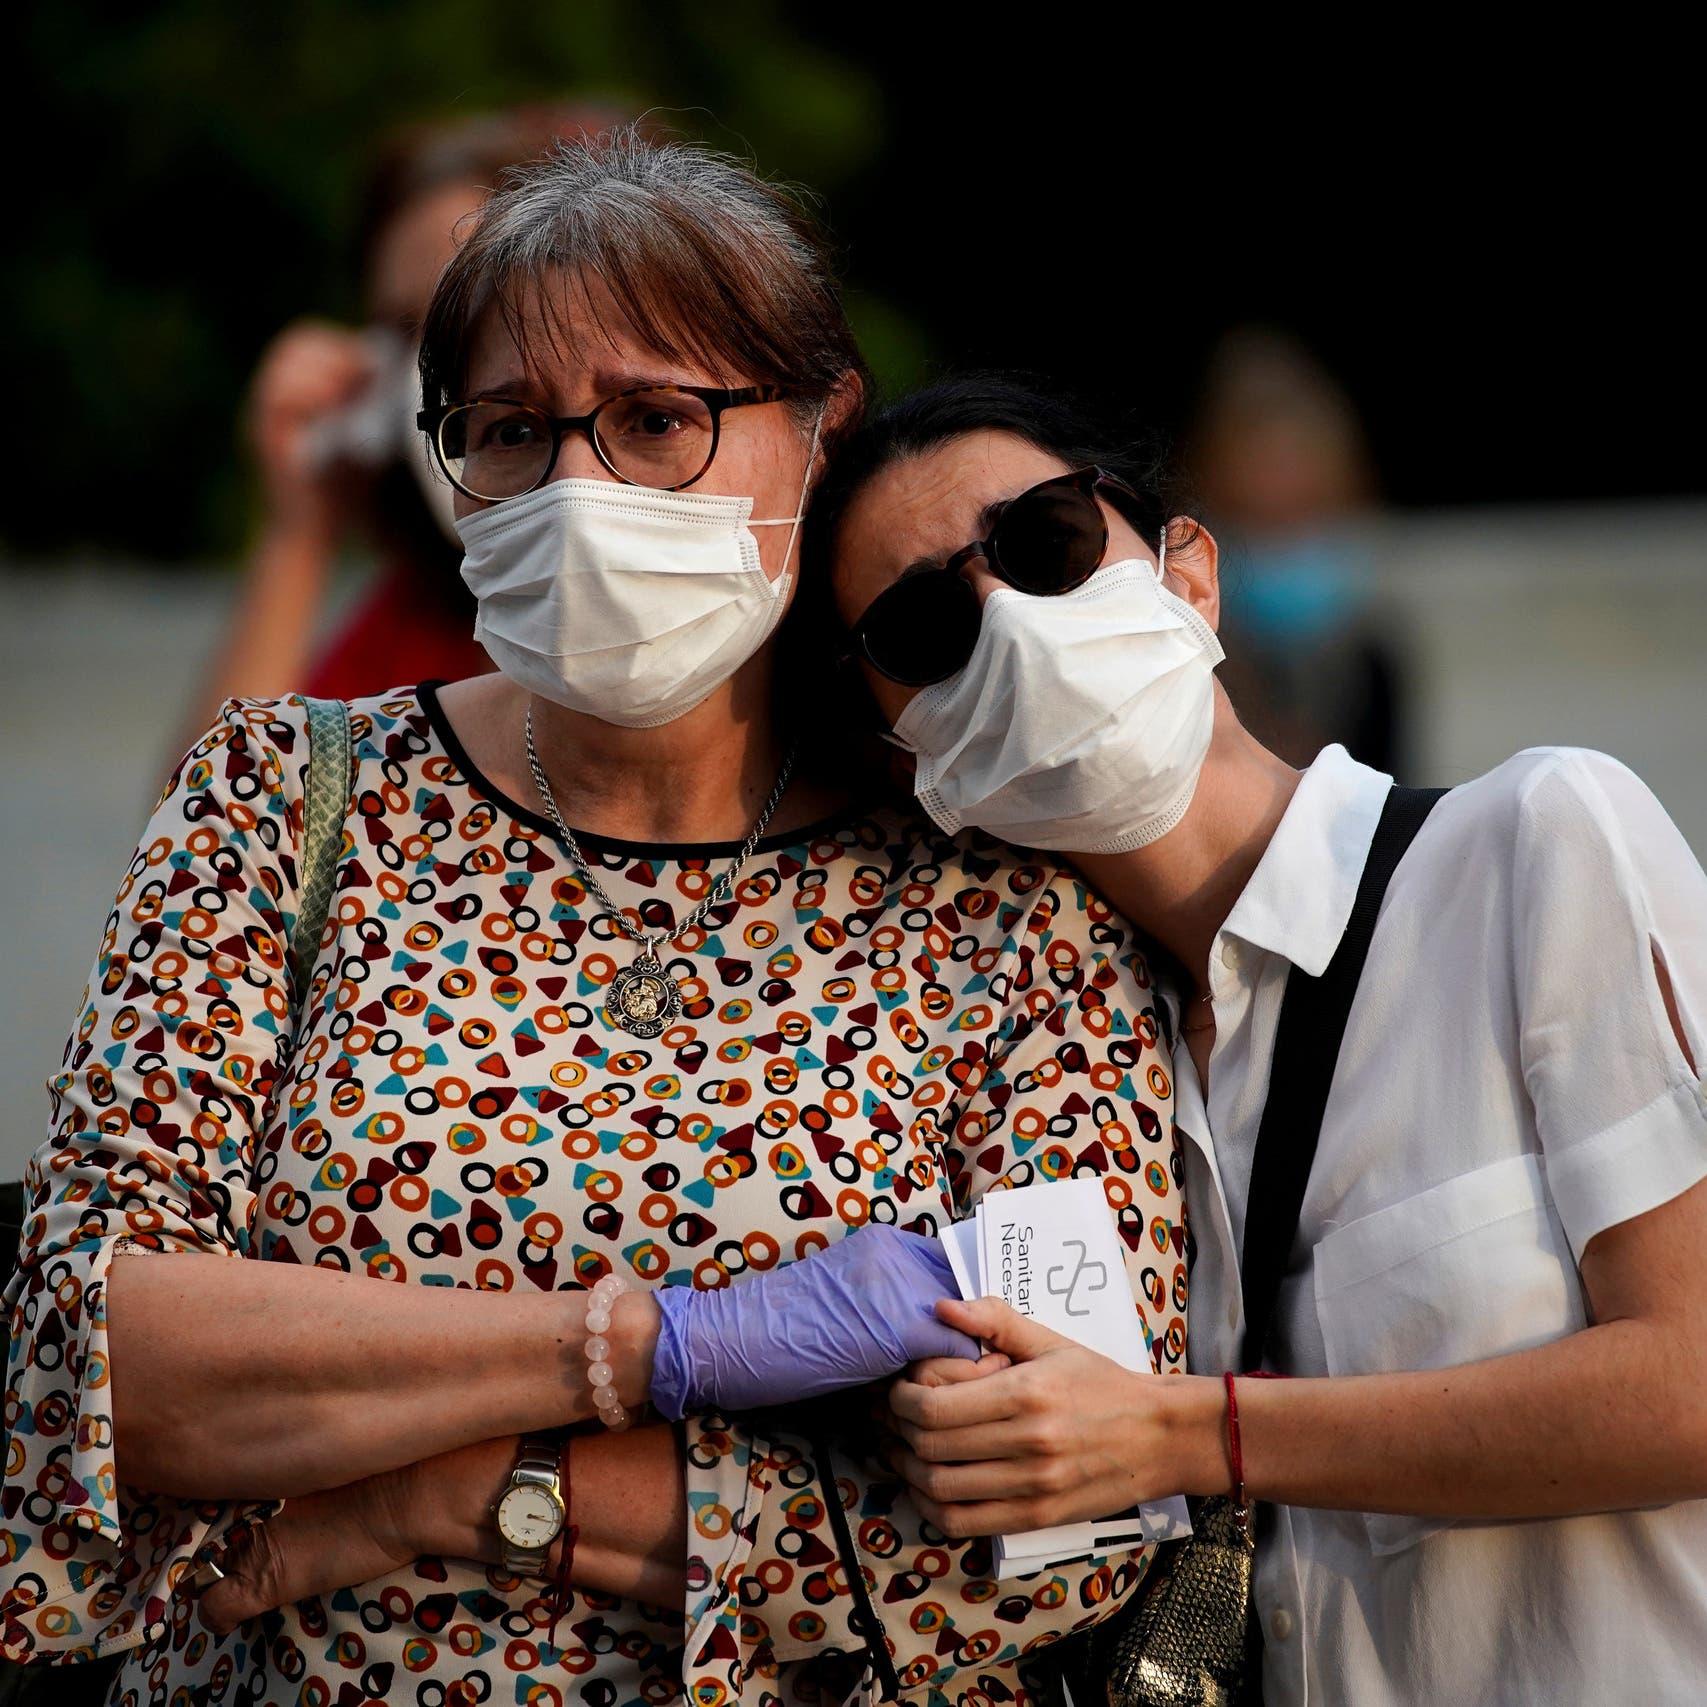 أكثر من 344 ألف وفاة حصيلة الجائحة في العالم